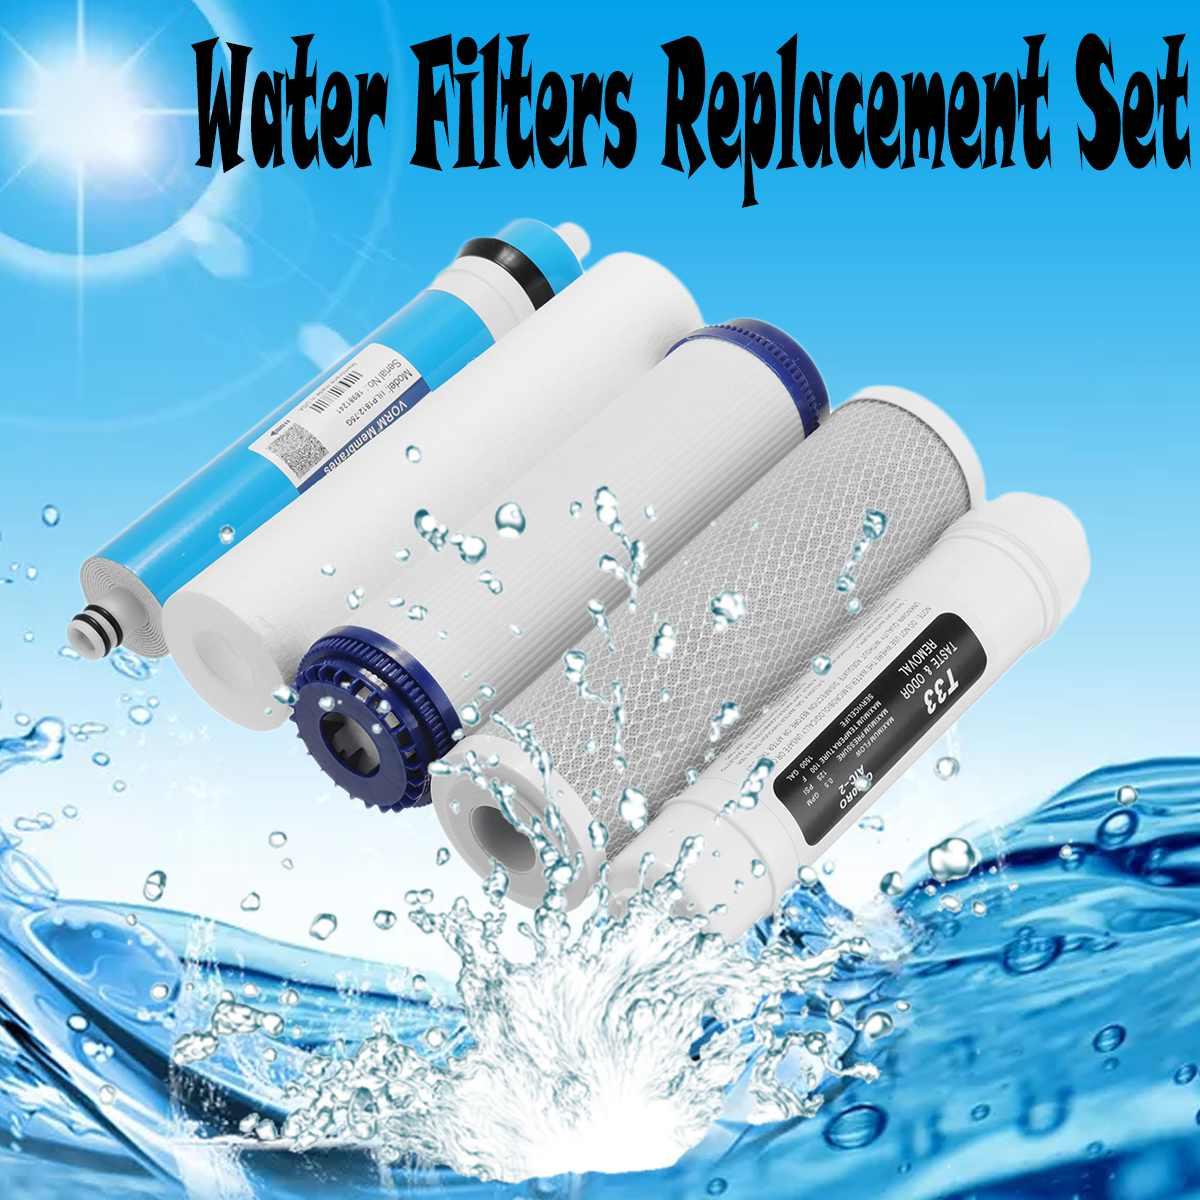 5 ступеней обратного осмоса RO фильтры для воды Сменный Набор с фильтром для воды картридж 75 GPD мембрана бытовой очиститель воды